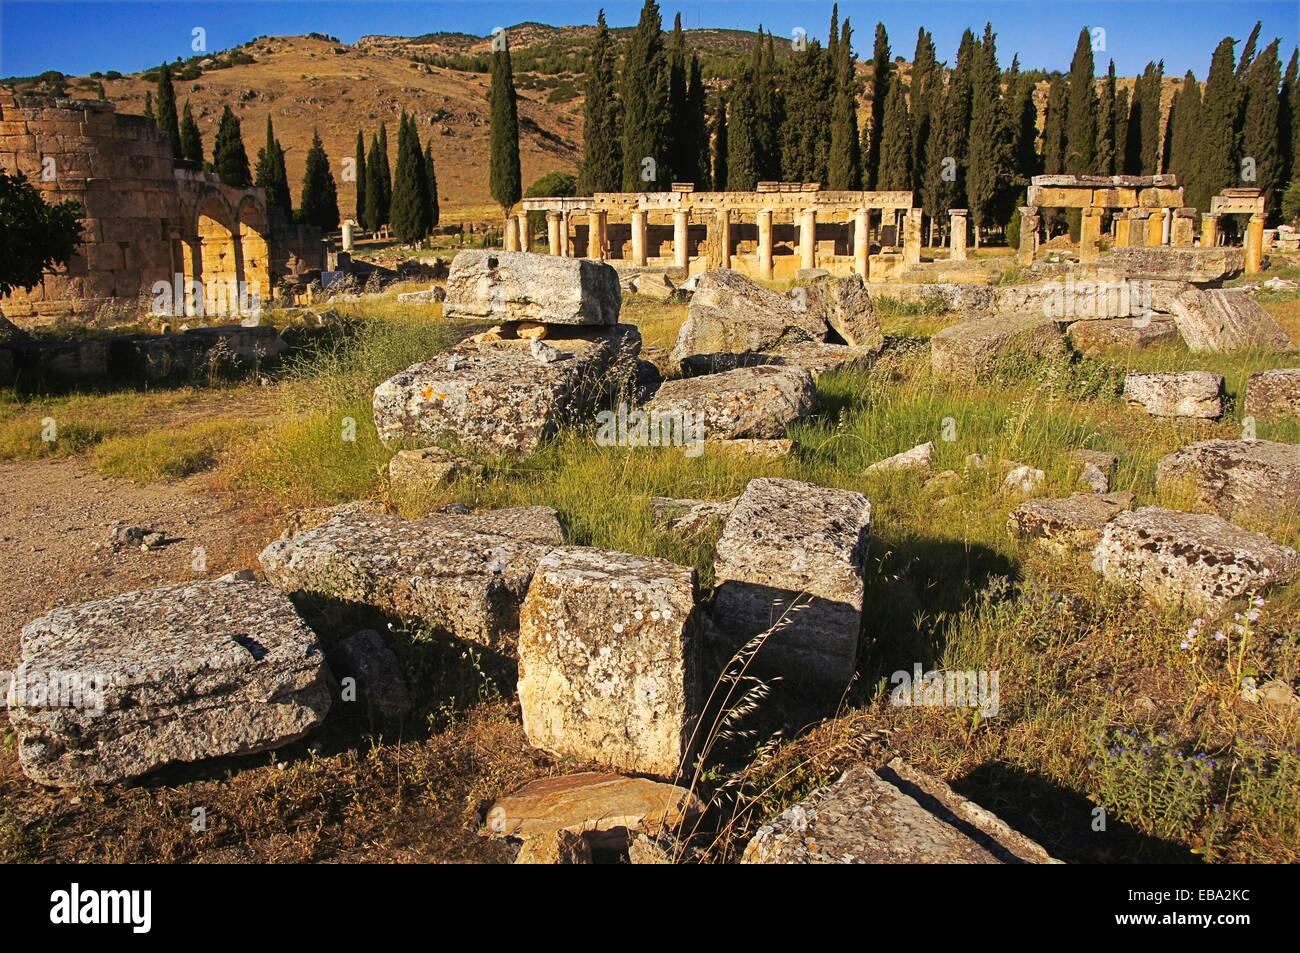 2e siècle à côté de l'Anatolie ancienne antiquité archéologie architecture Asie Photo Stock